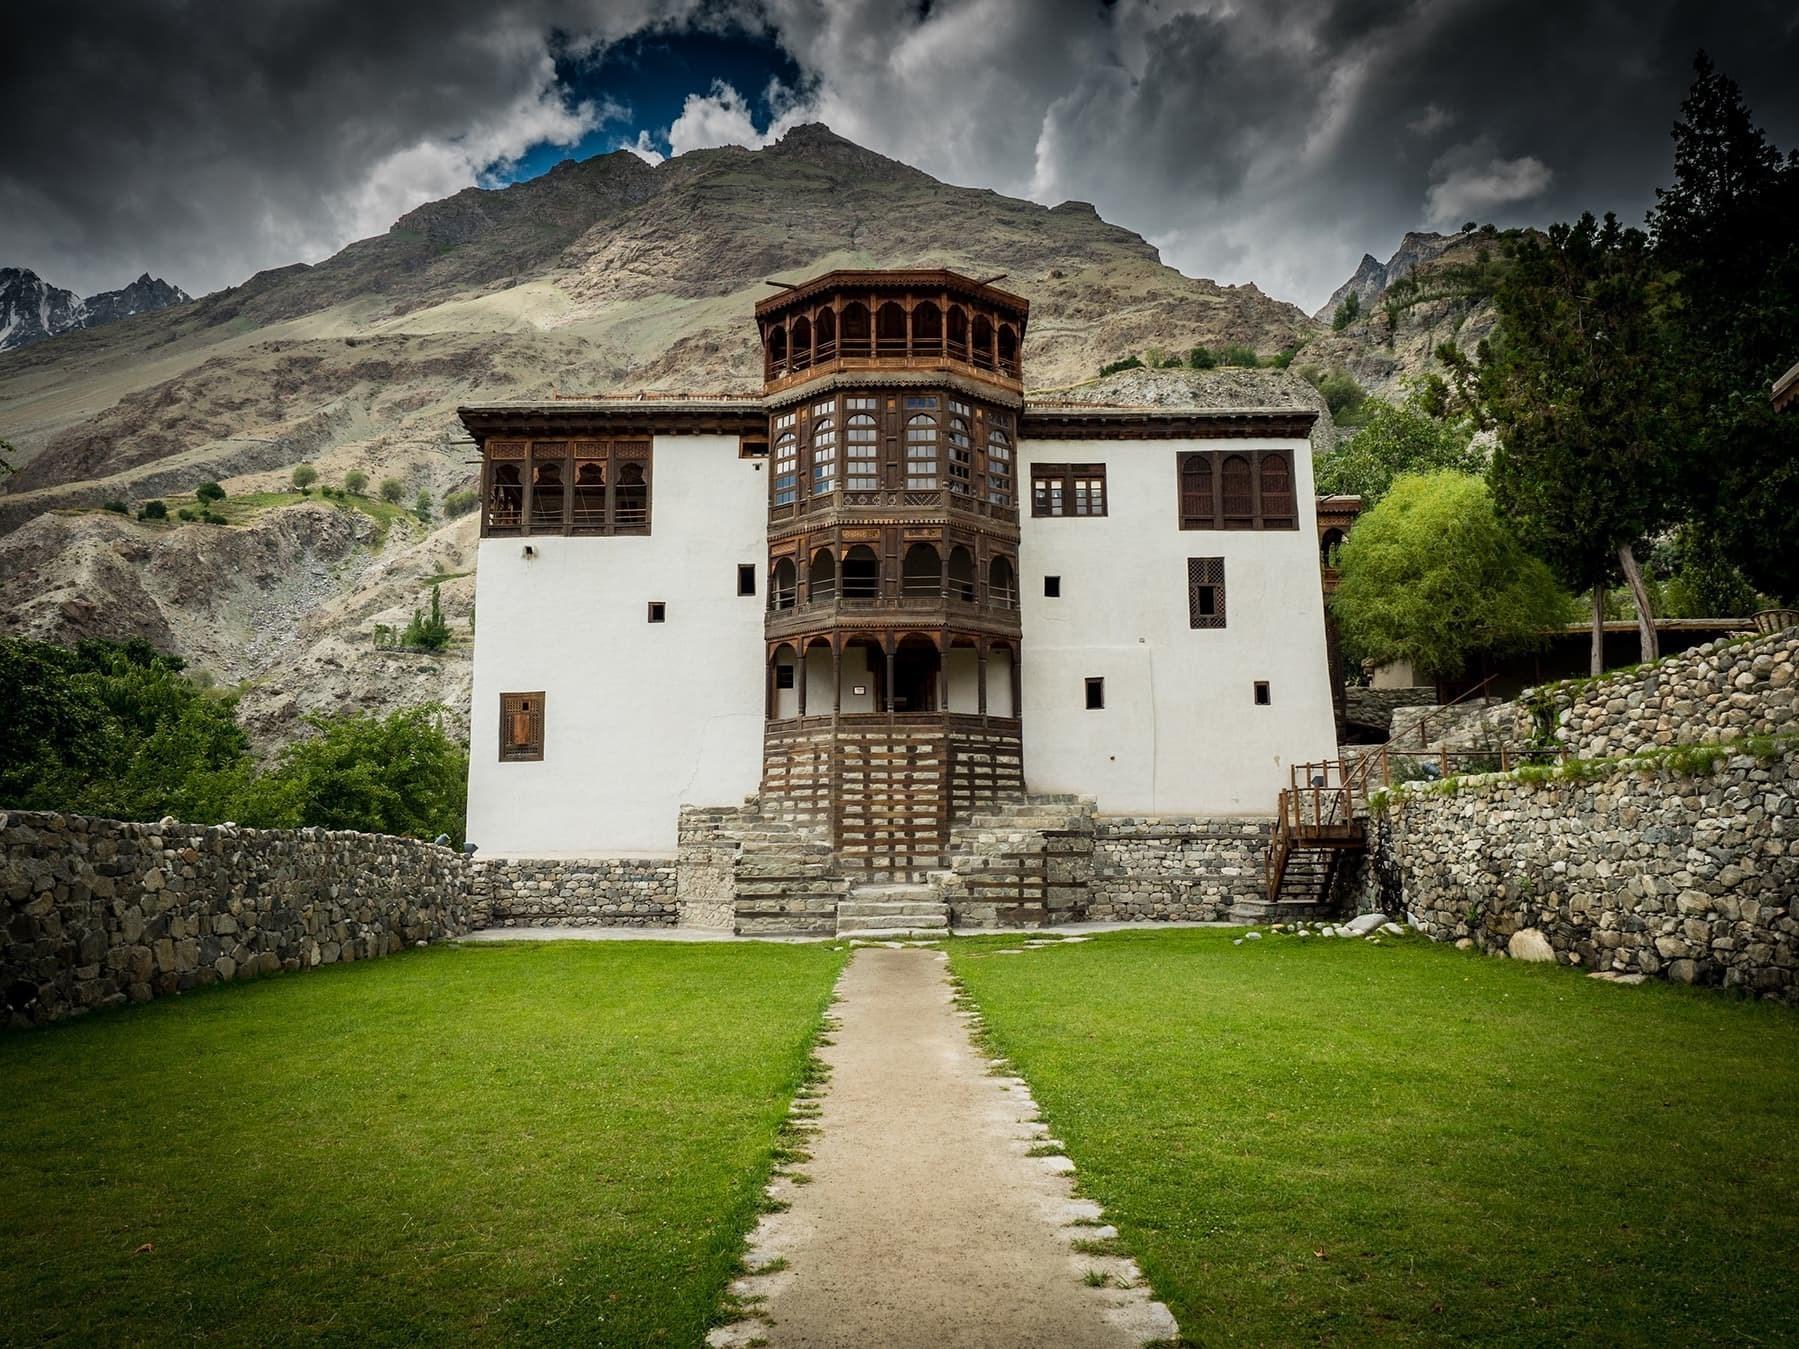 1394072815515556163360610 تصاویر زیبا از مکانهای دیدنی پاکستان